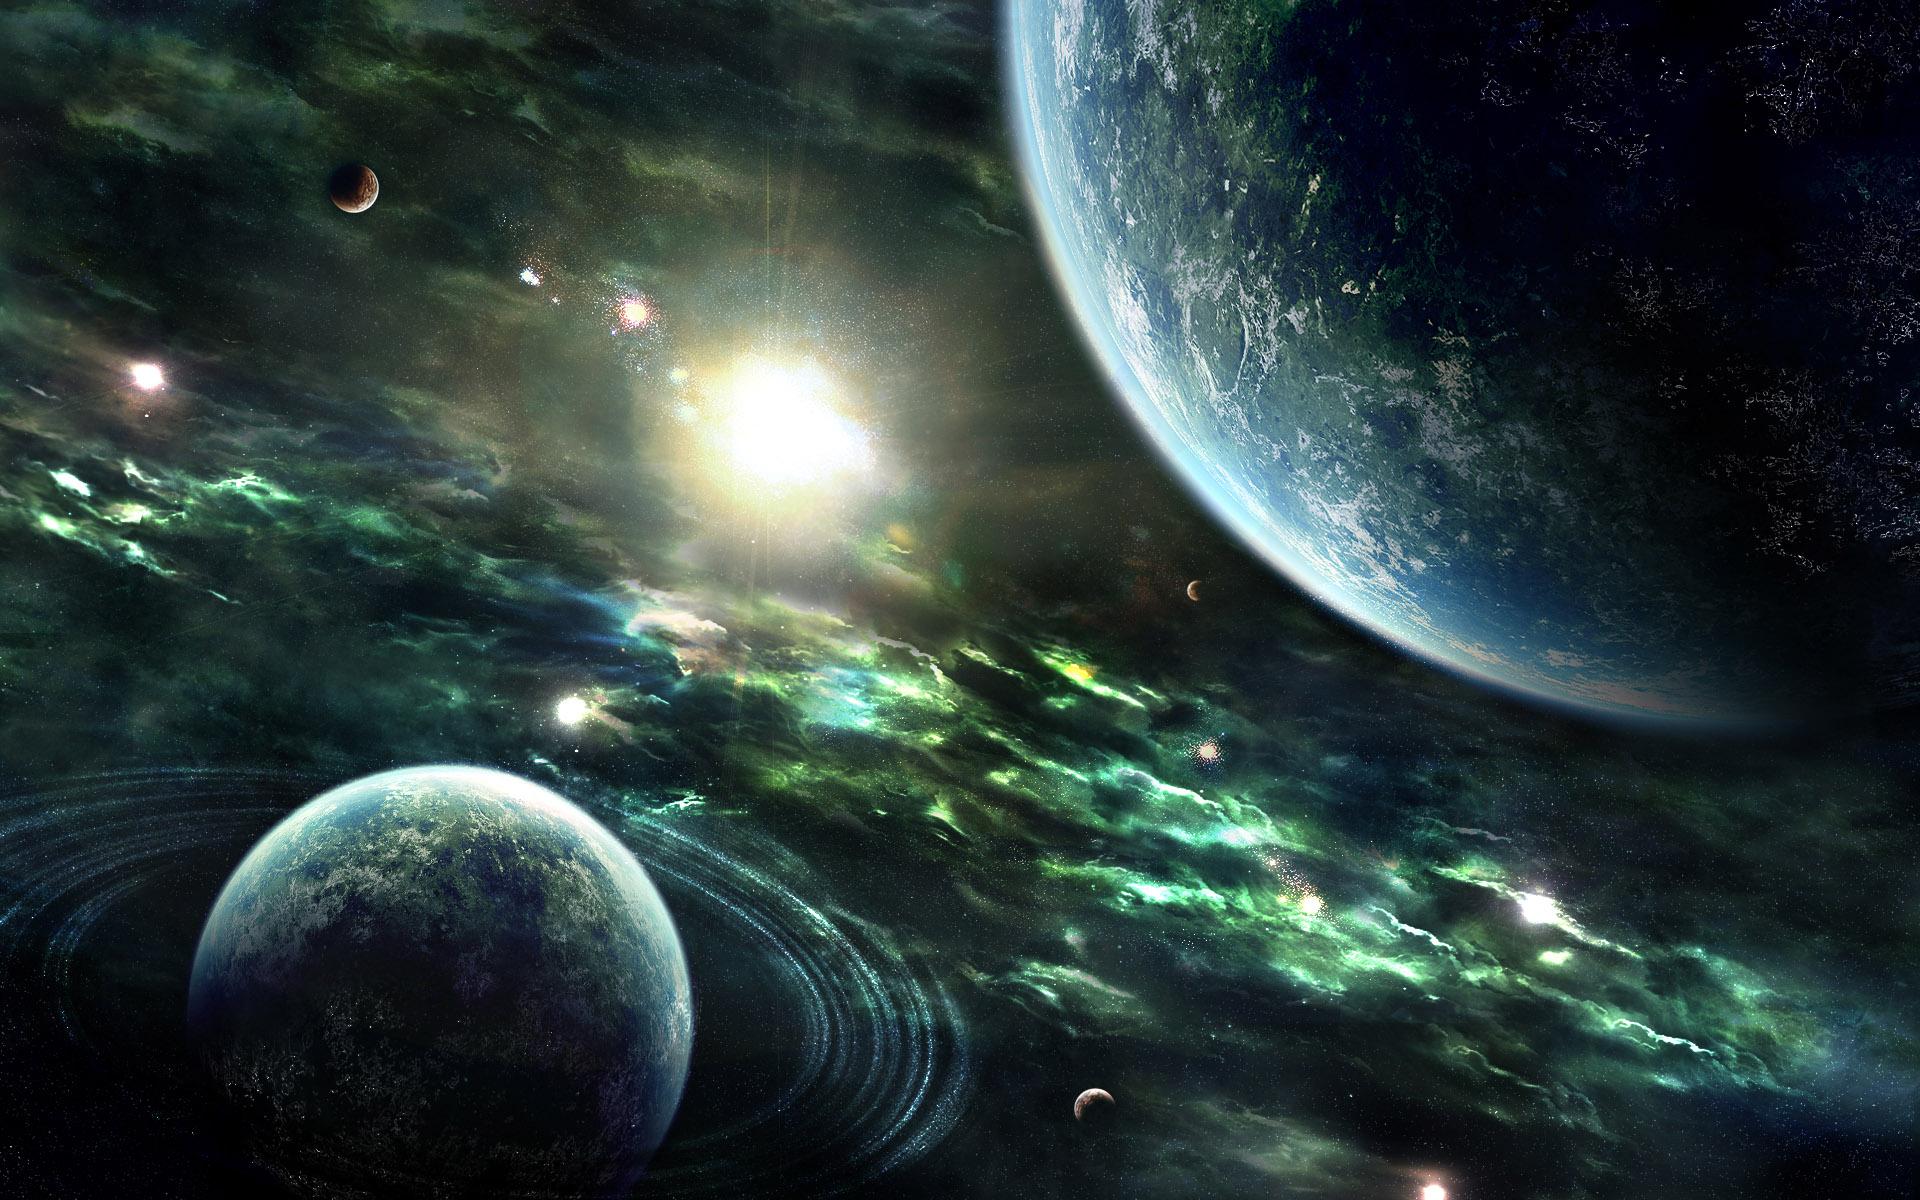 Скачать изображение планеты космос